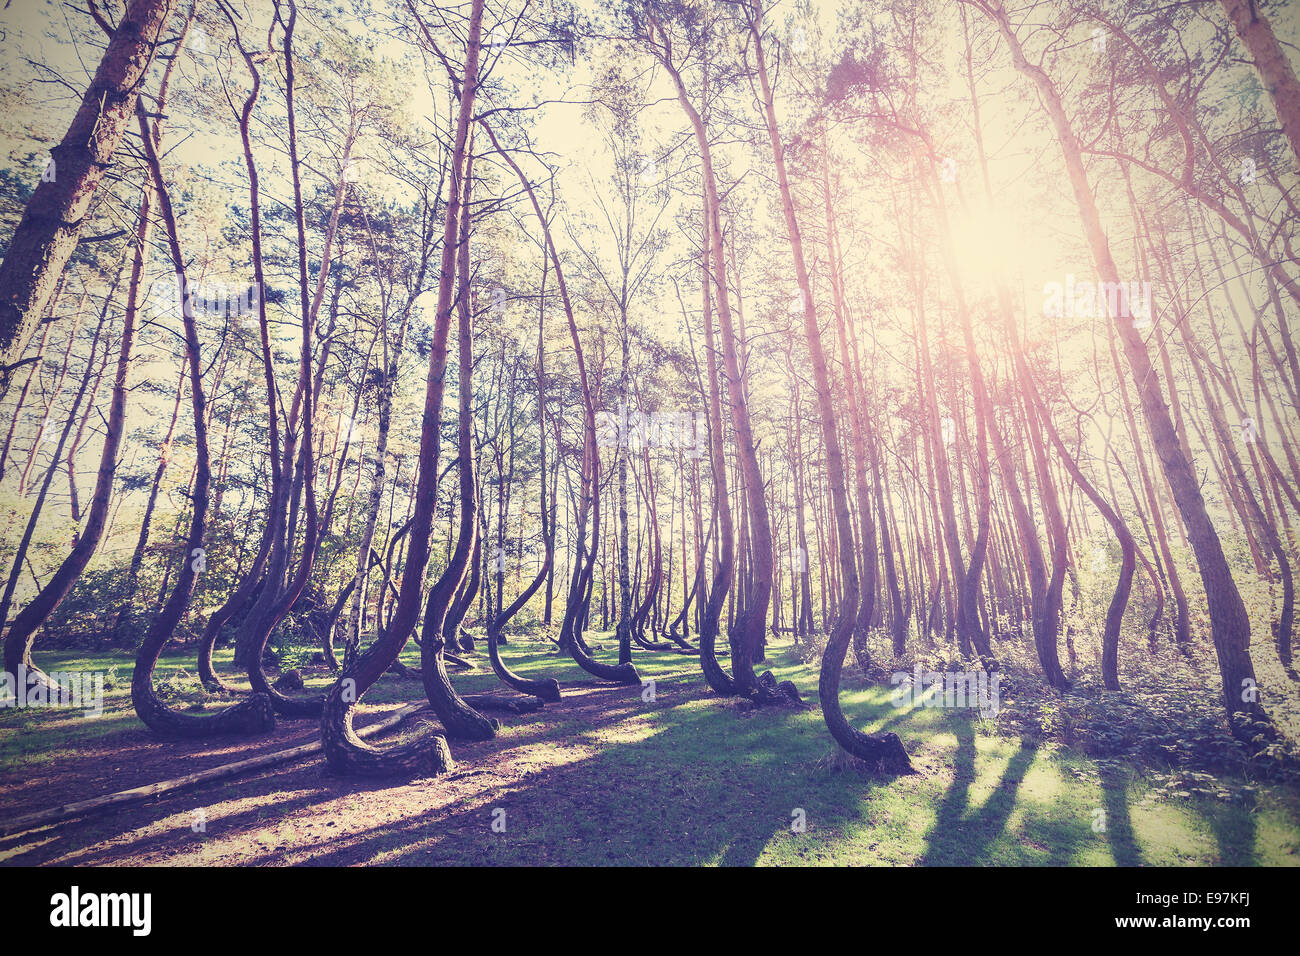 Imagen de estilo vintage de Crooked Forest, Gryfino en Polonia. Imagen De Stock